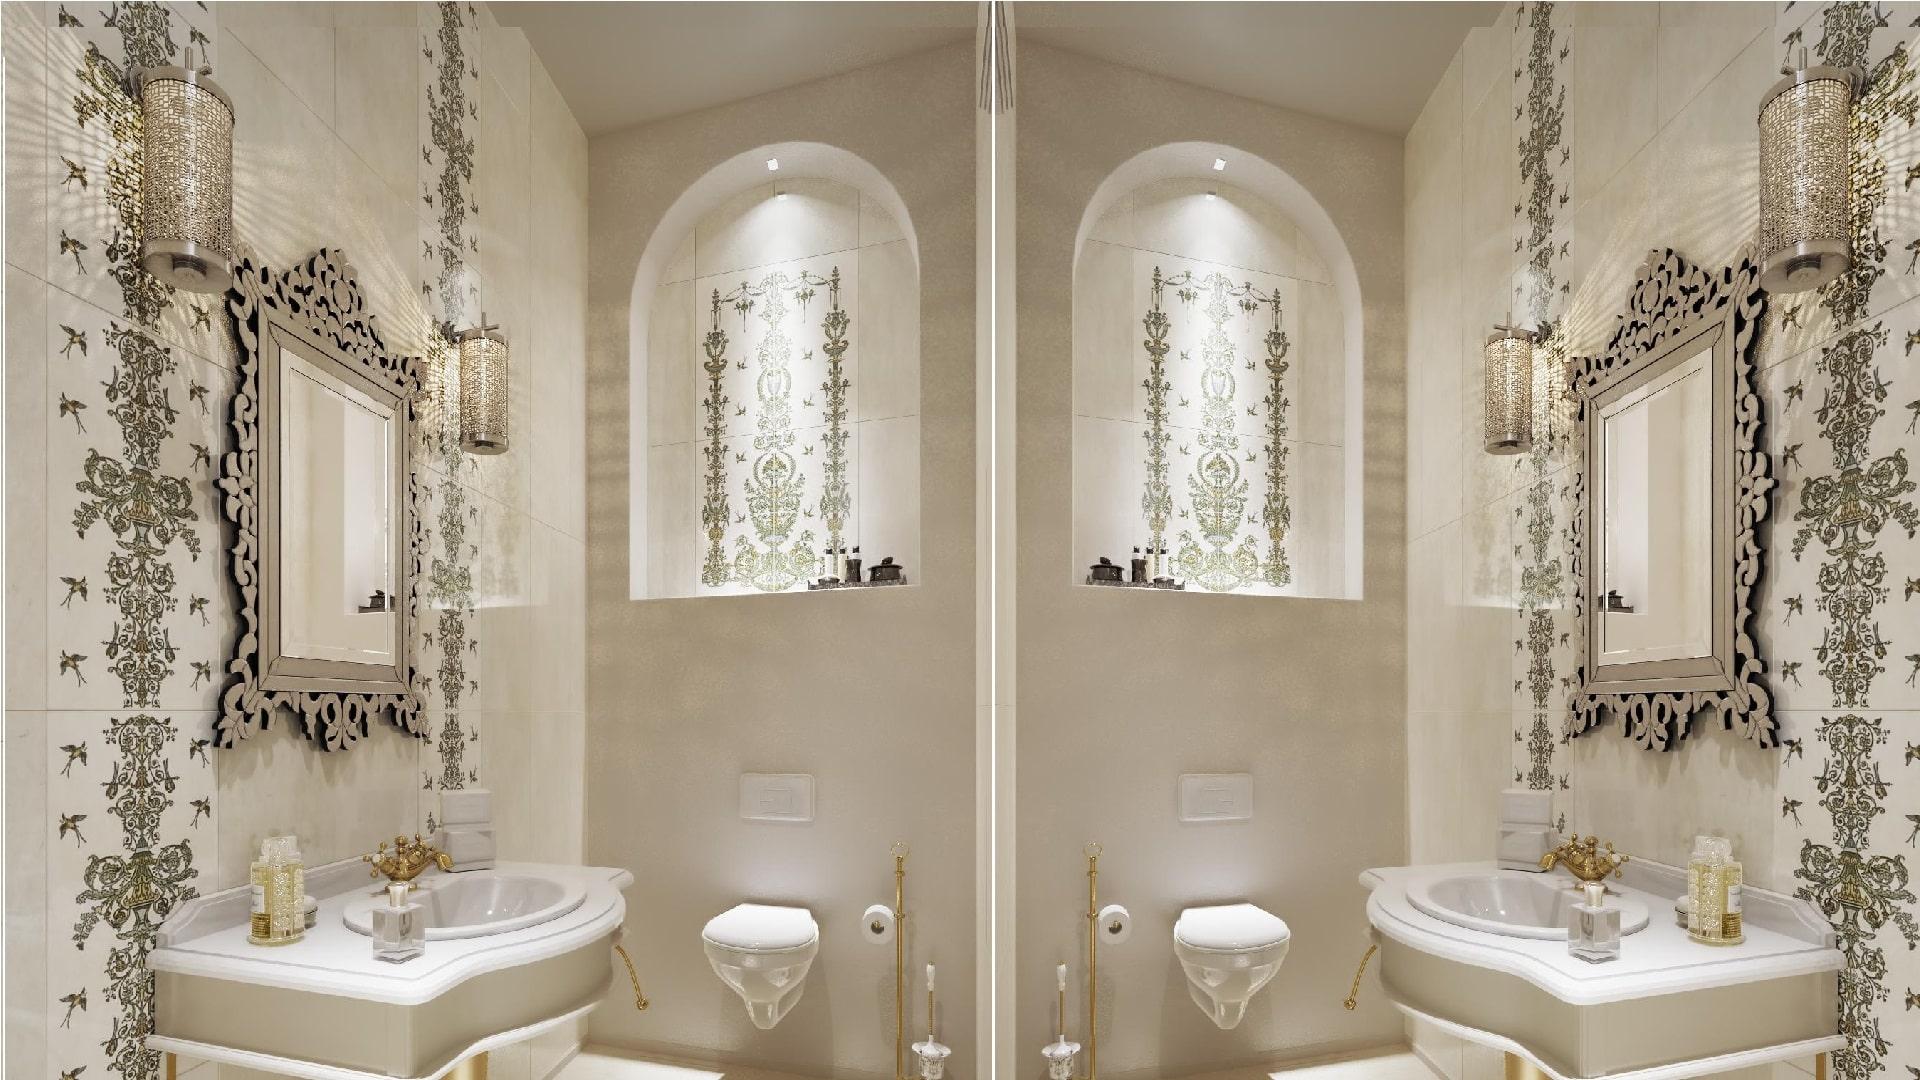 Декоративная подсветка в ванной